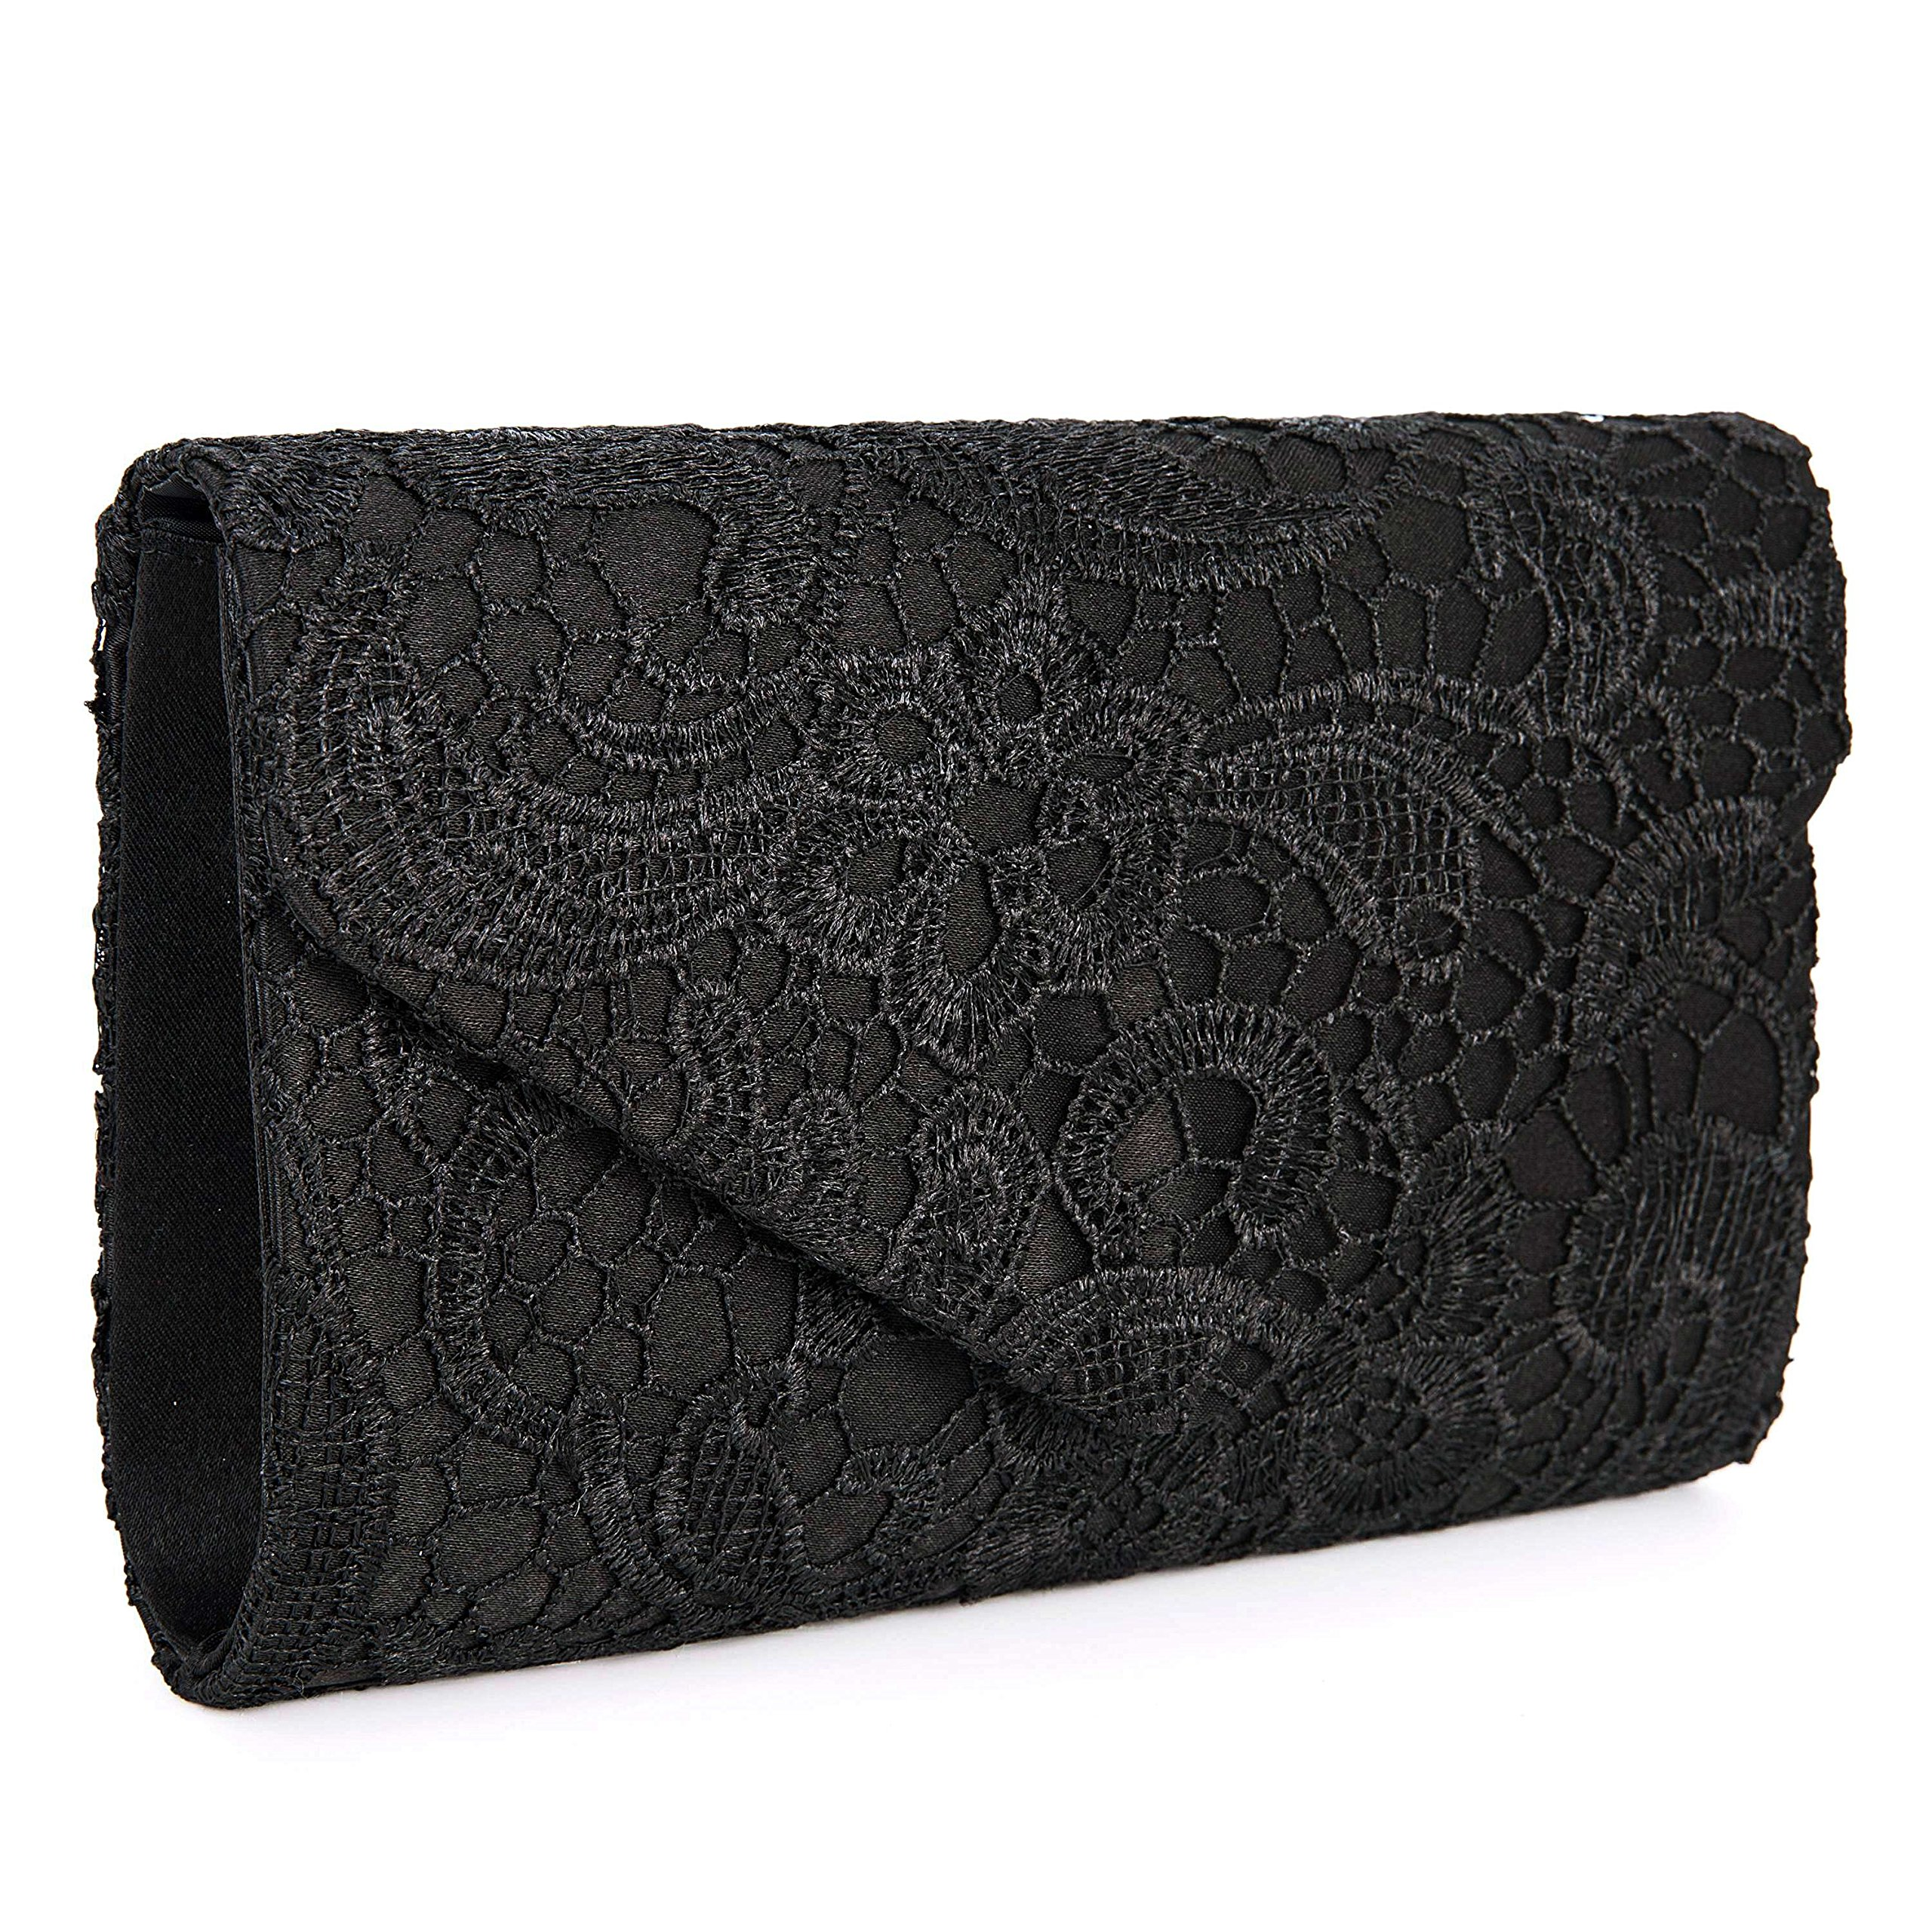 Baglamor Women's Elegant Floral Lace Envelope Clutch Evening Prom Handbag Purse(Black)